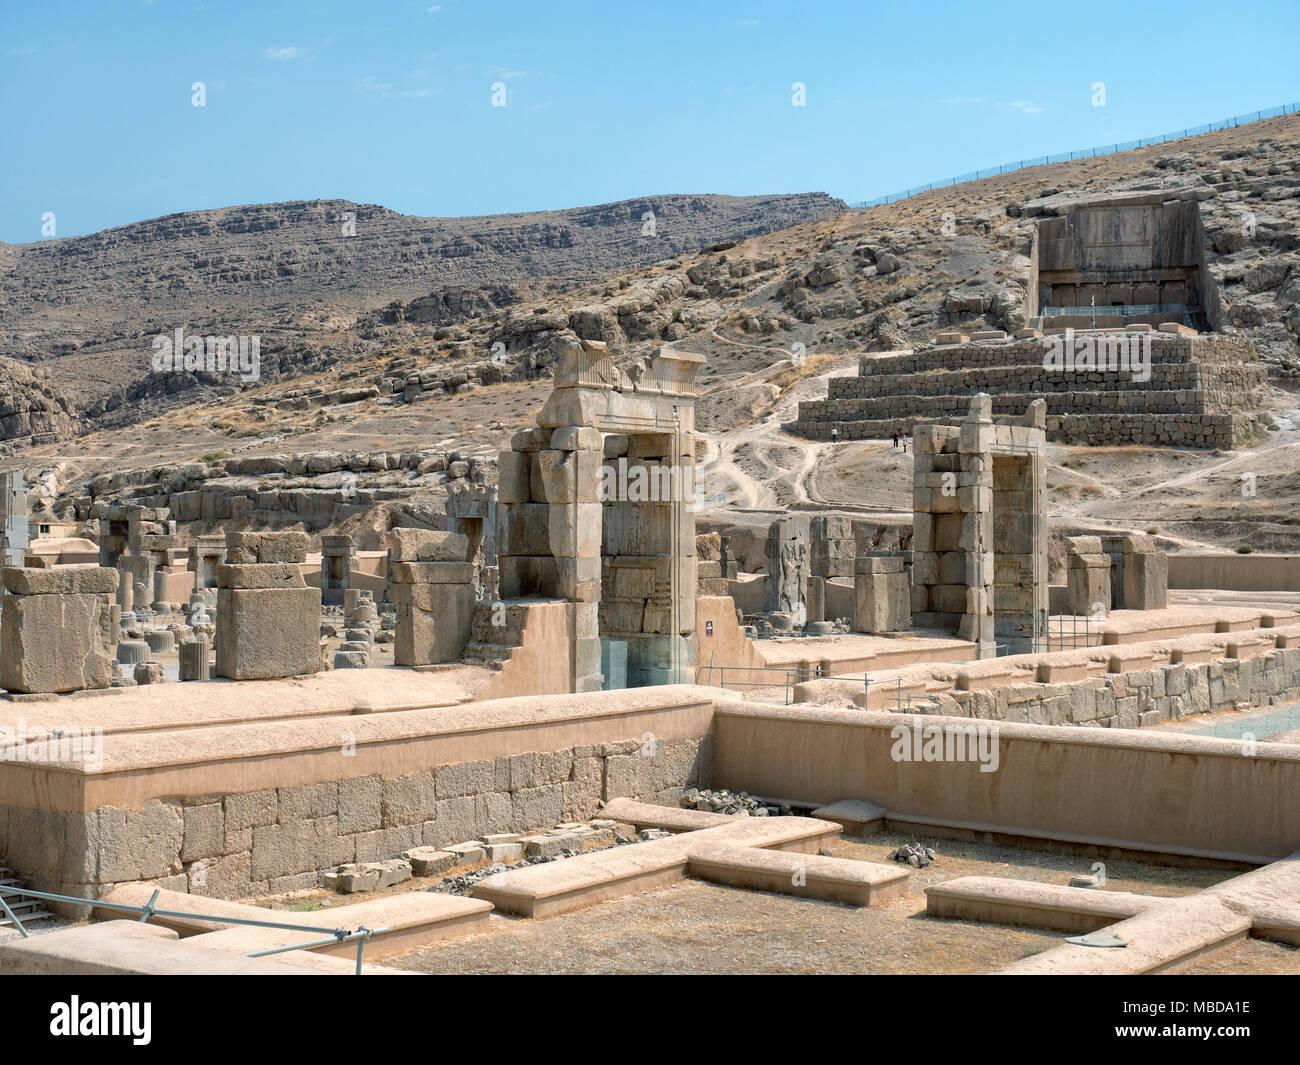 Persepolis Ruins